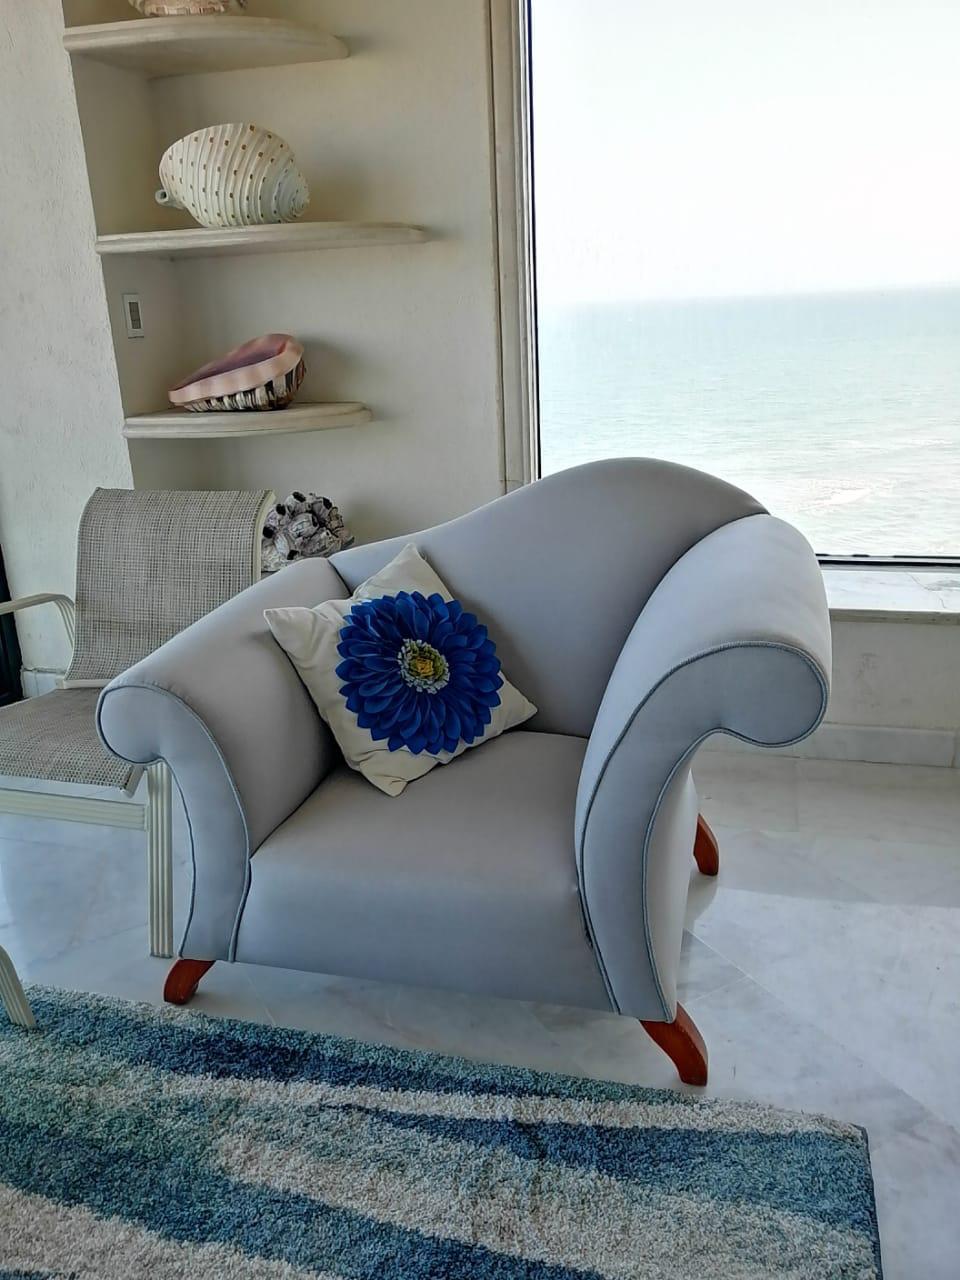 Trabajo realizado tapicería de muebles 1